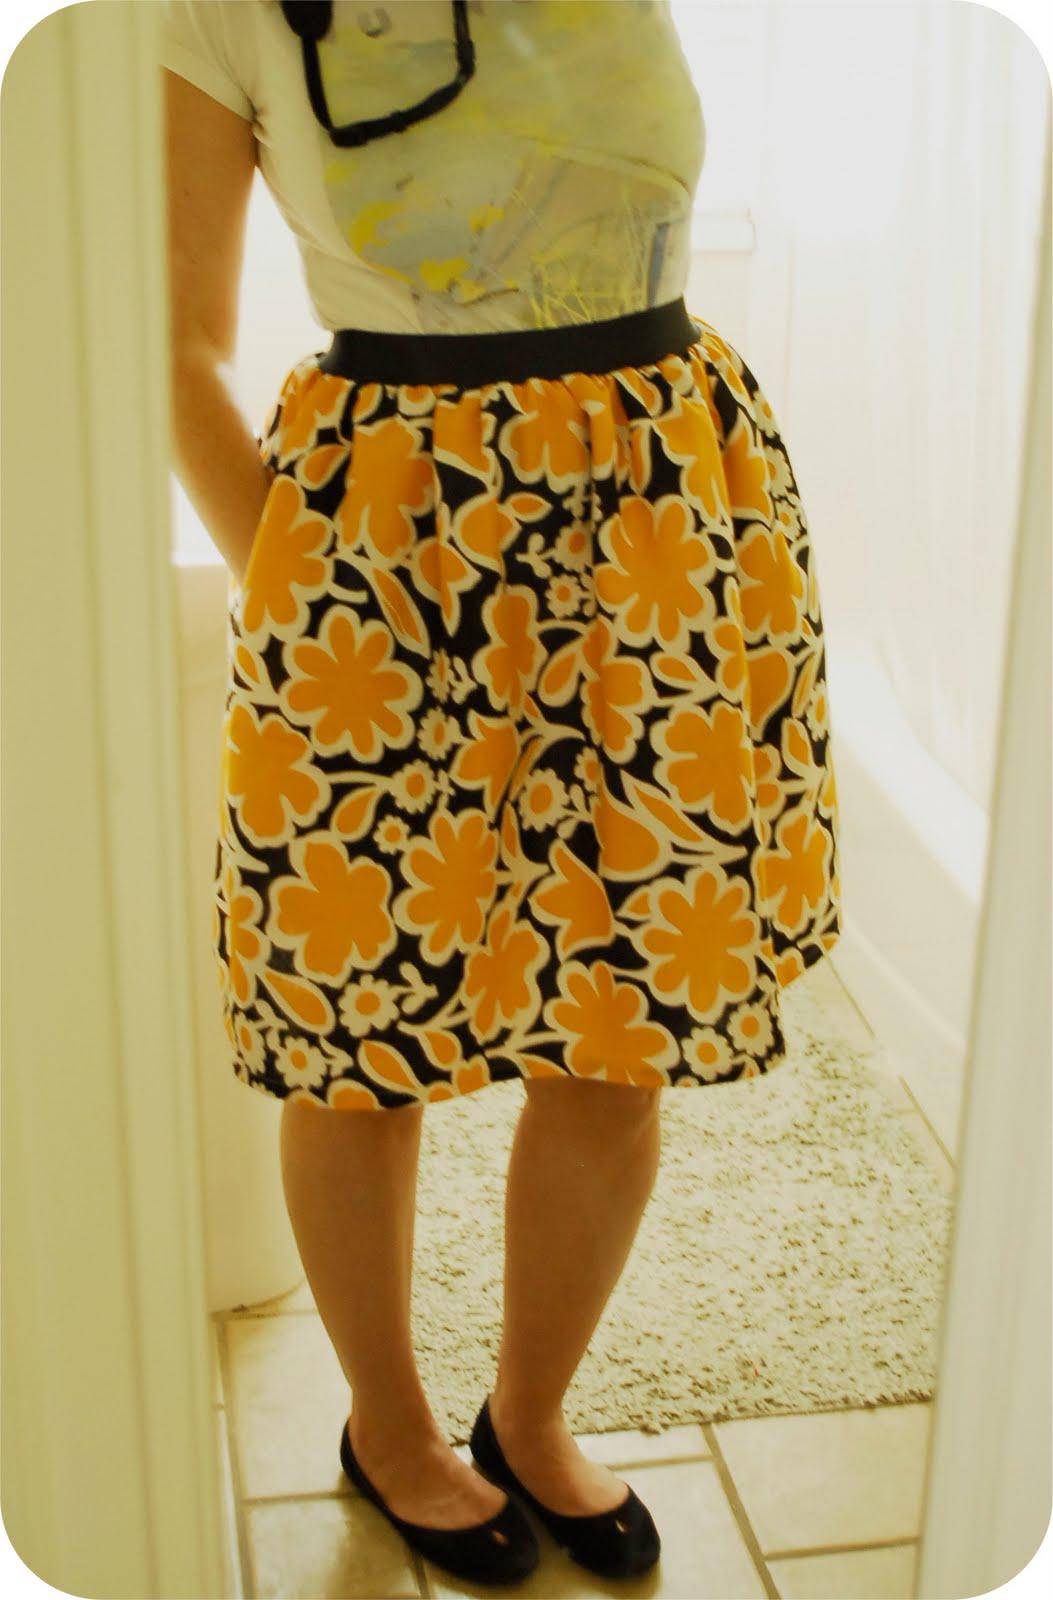 Как сшить юбку для девочки: мастер-класс. Как пошить юбку Как сшить юбку для девушки своими руками